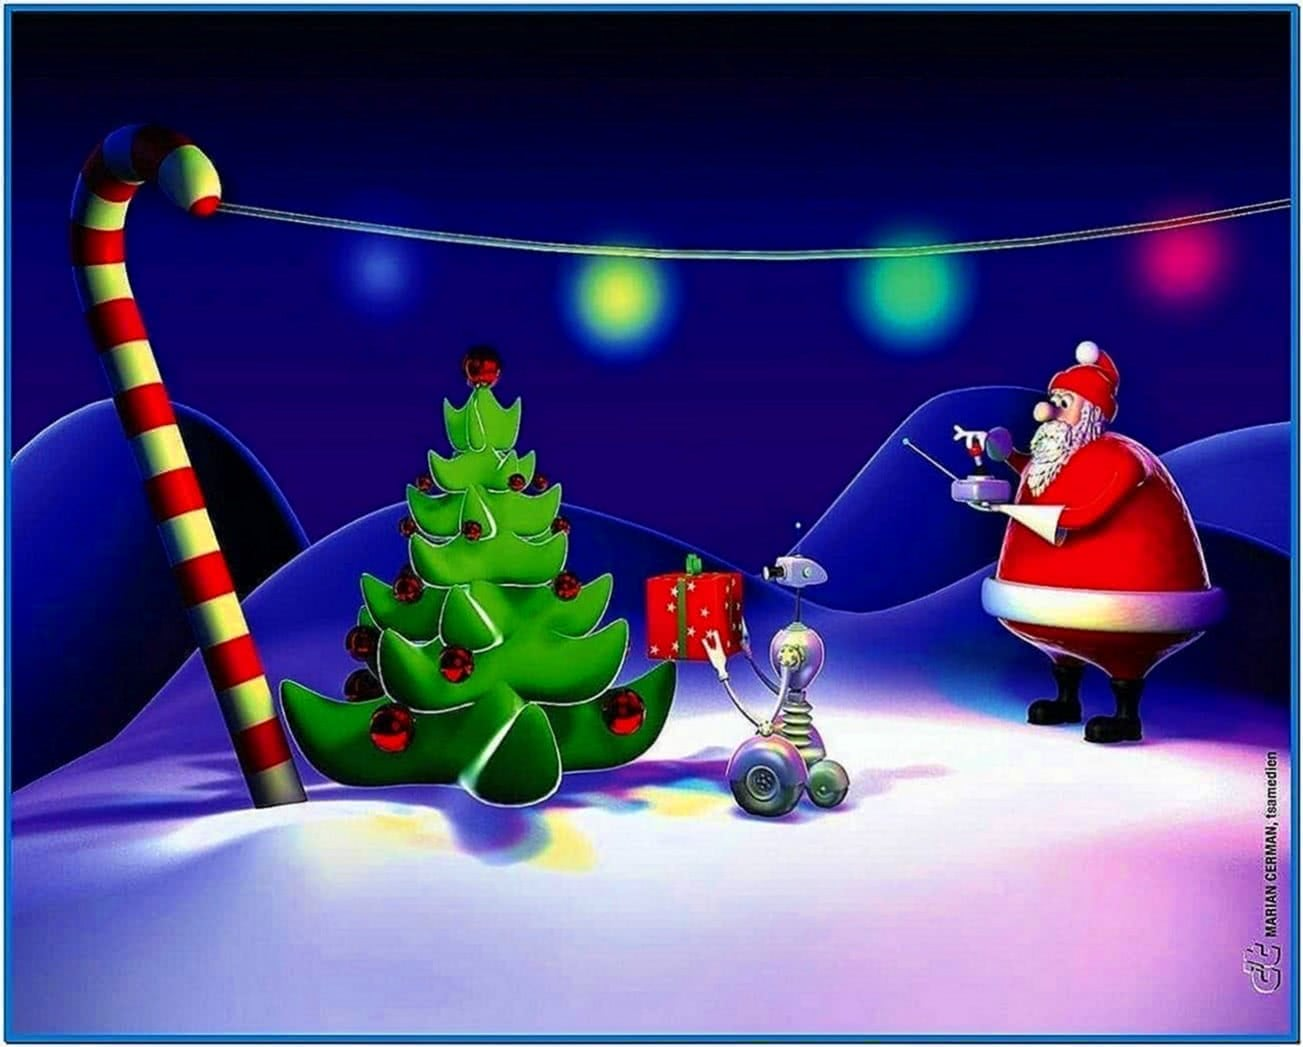 3D Animated Christmas Screensavers